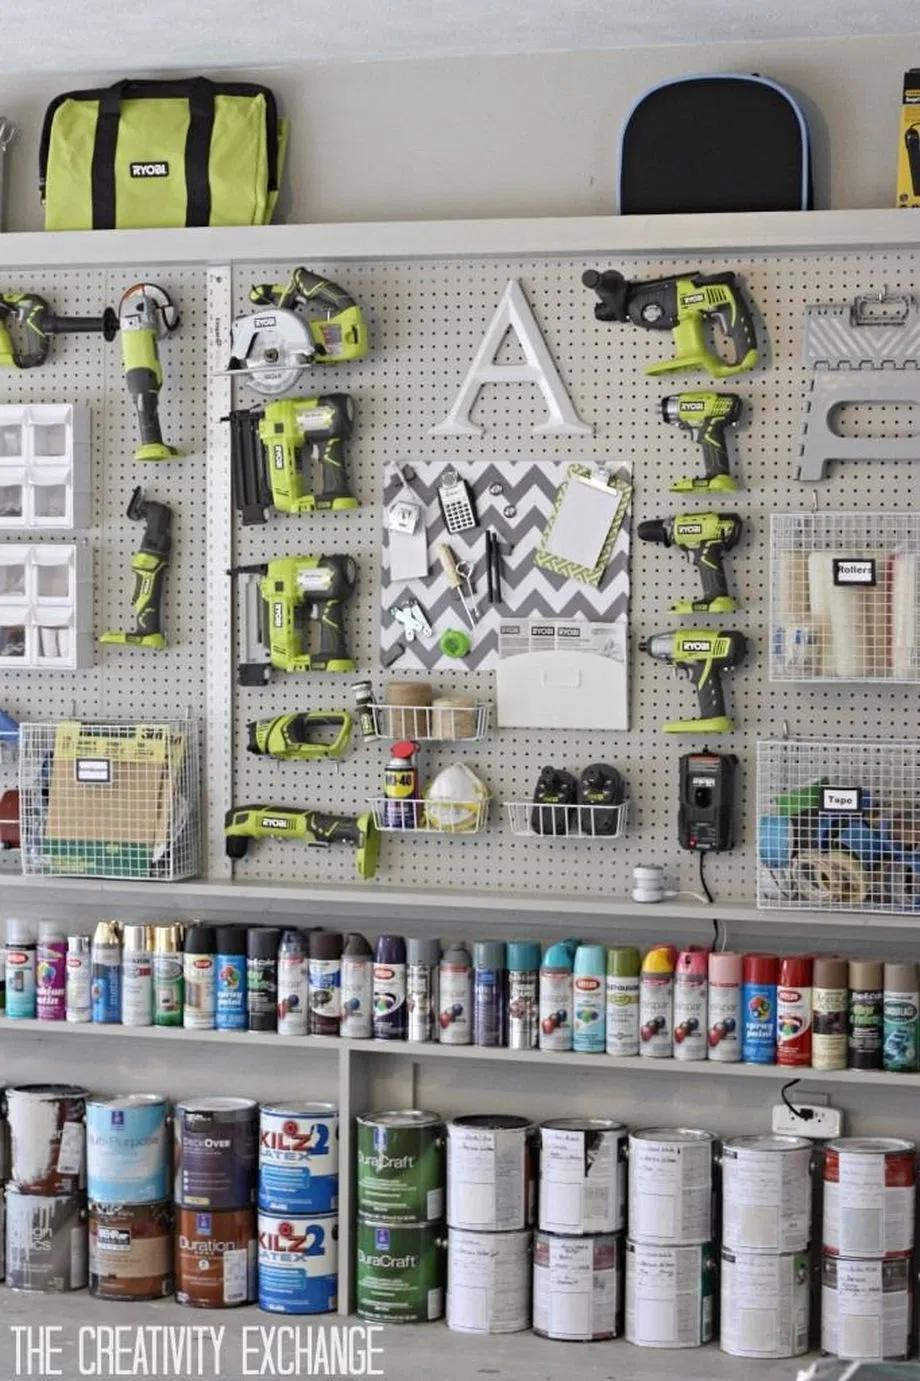 Best Garage Organization and Storage Hacks Ideas 65